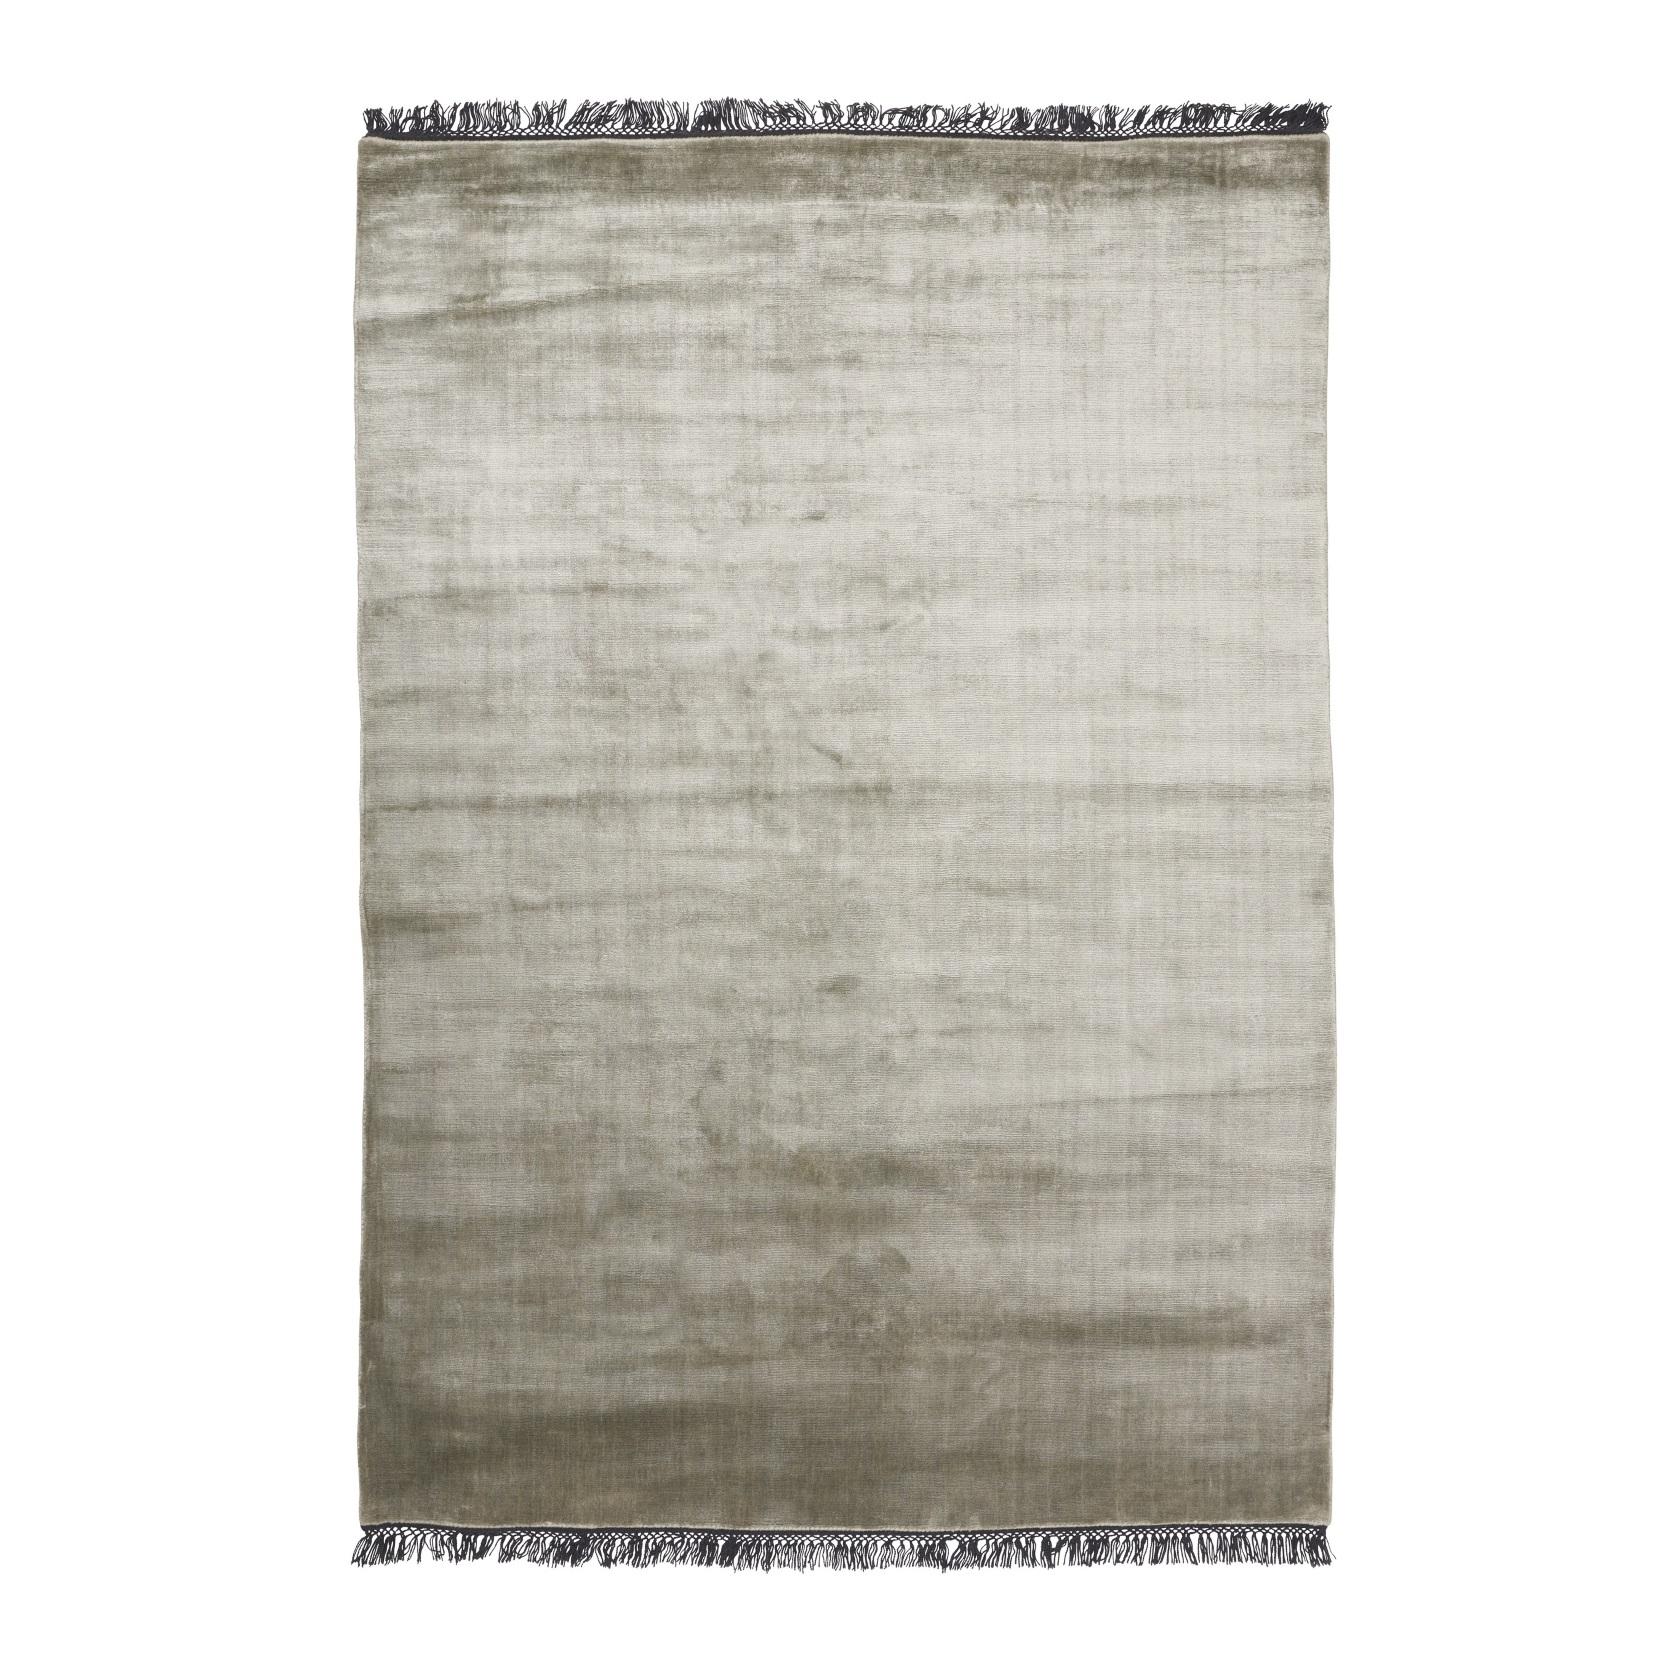 Viskosmatta ALMERIA 170 x 240 cm slate, Linie Design